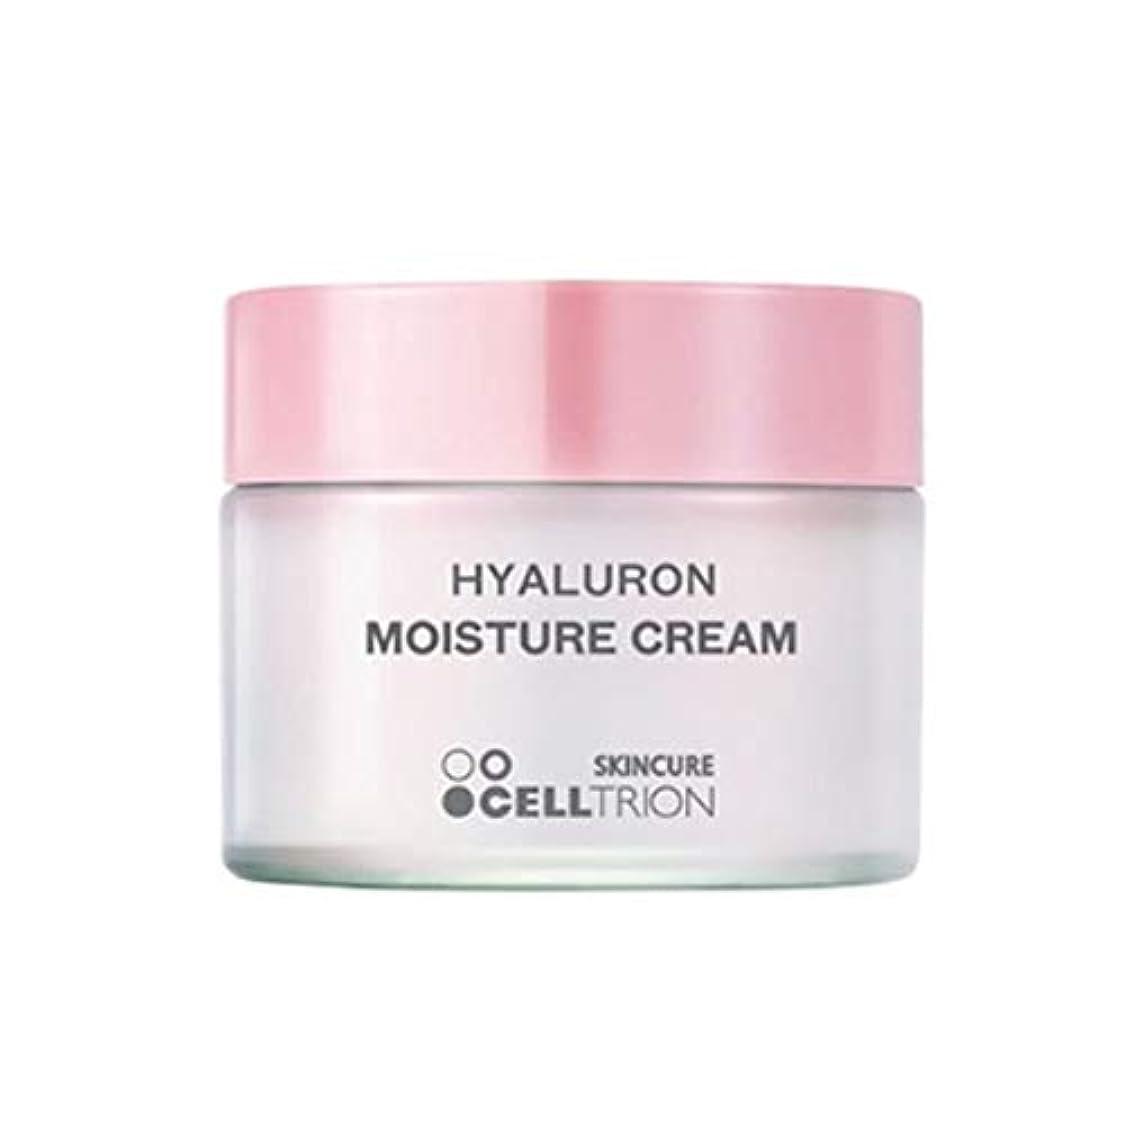 抜粋絶滅天井セルトリオンスキンキュアヒアルロンモイスチャークリーム50gしわ改善、Celltrion Skincure Hyaluron Moisture Cream 50g Anti-Wrinkle [並行輸入品]